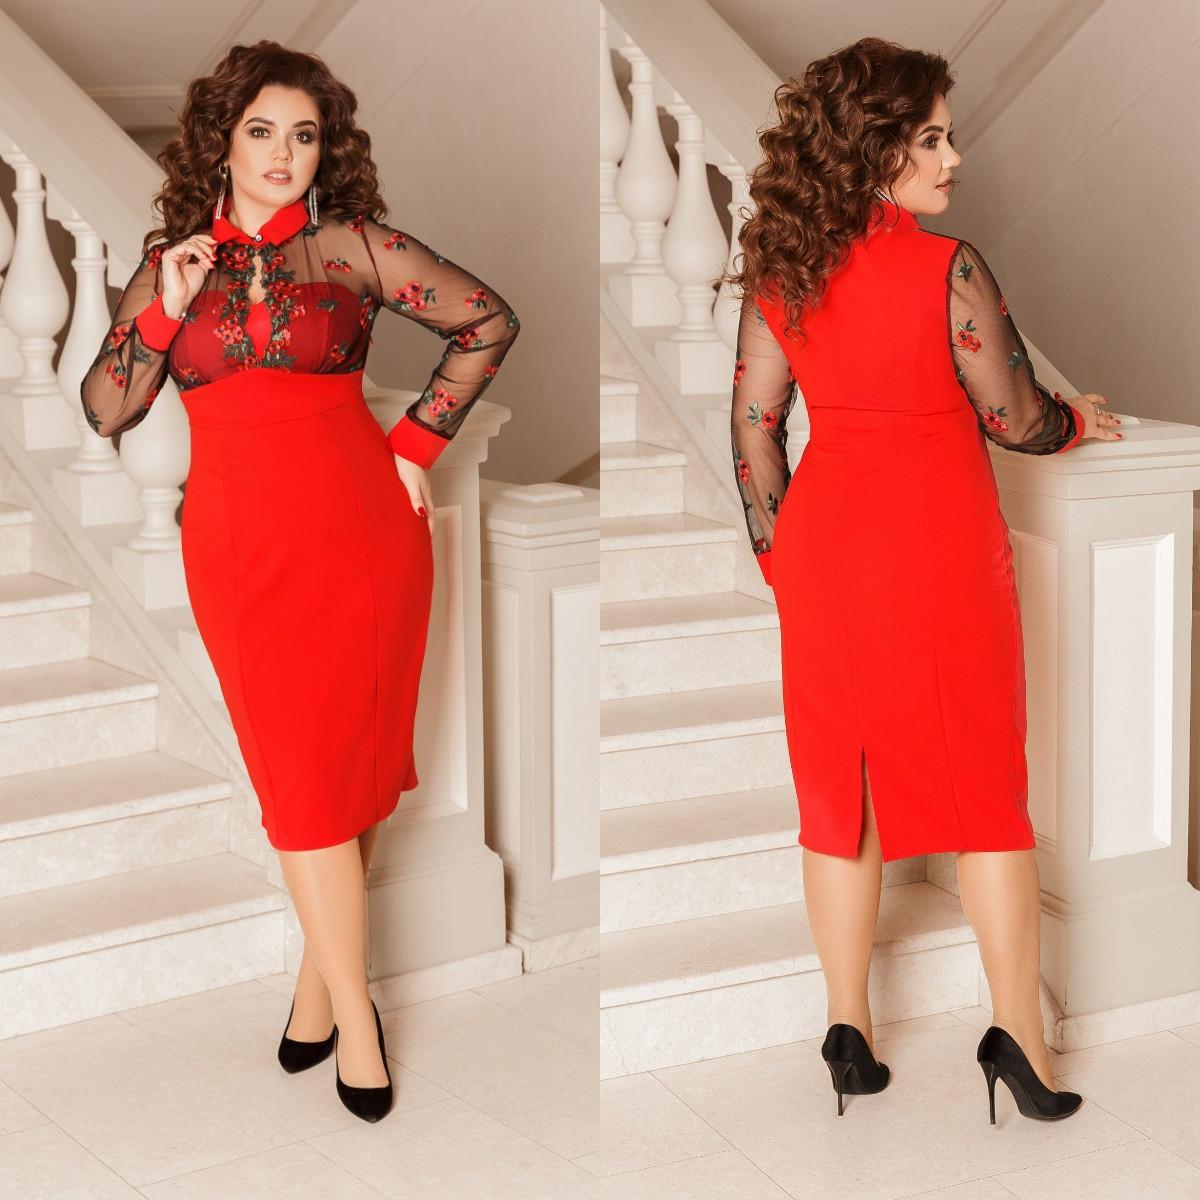 Приталенное платье с цветочной аппликацией, красный, №179, 48-58 р.